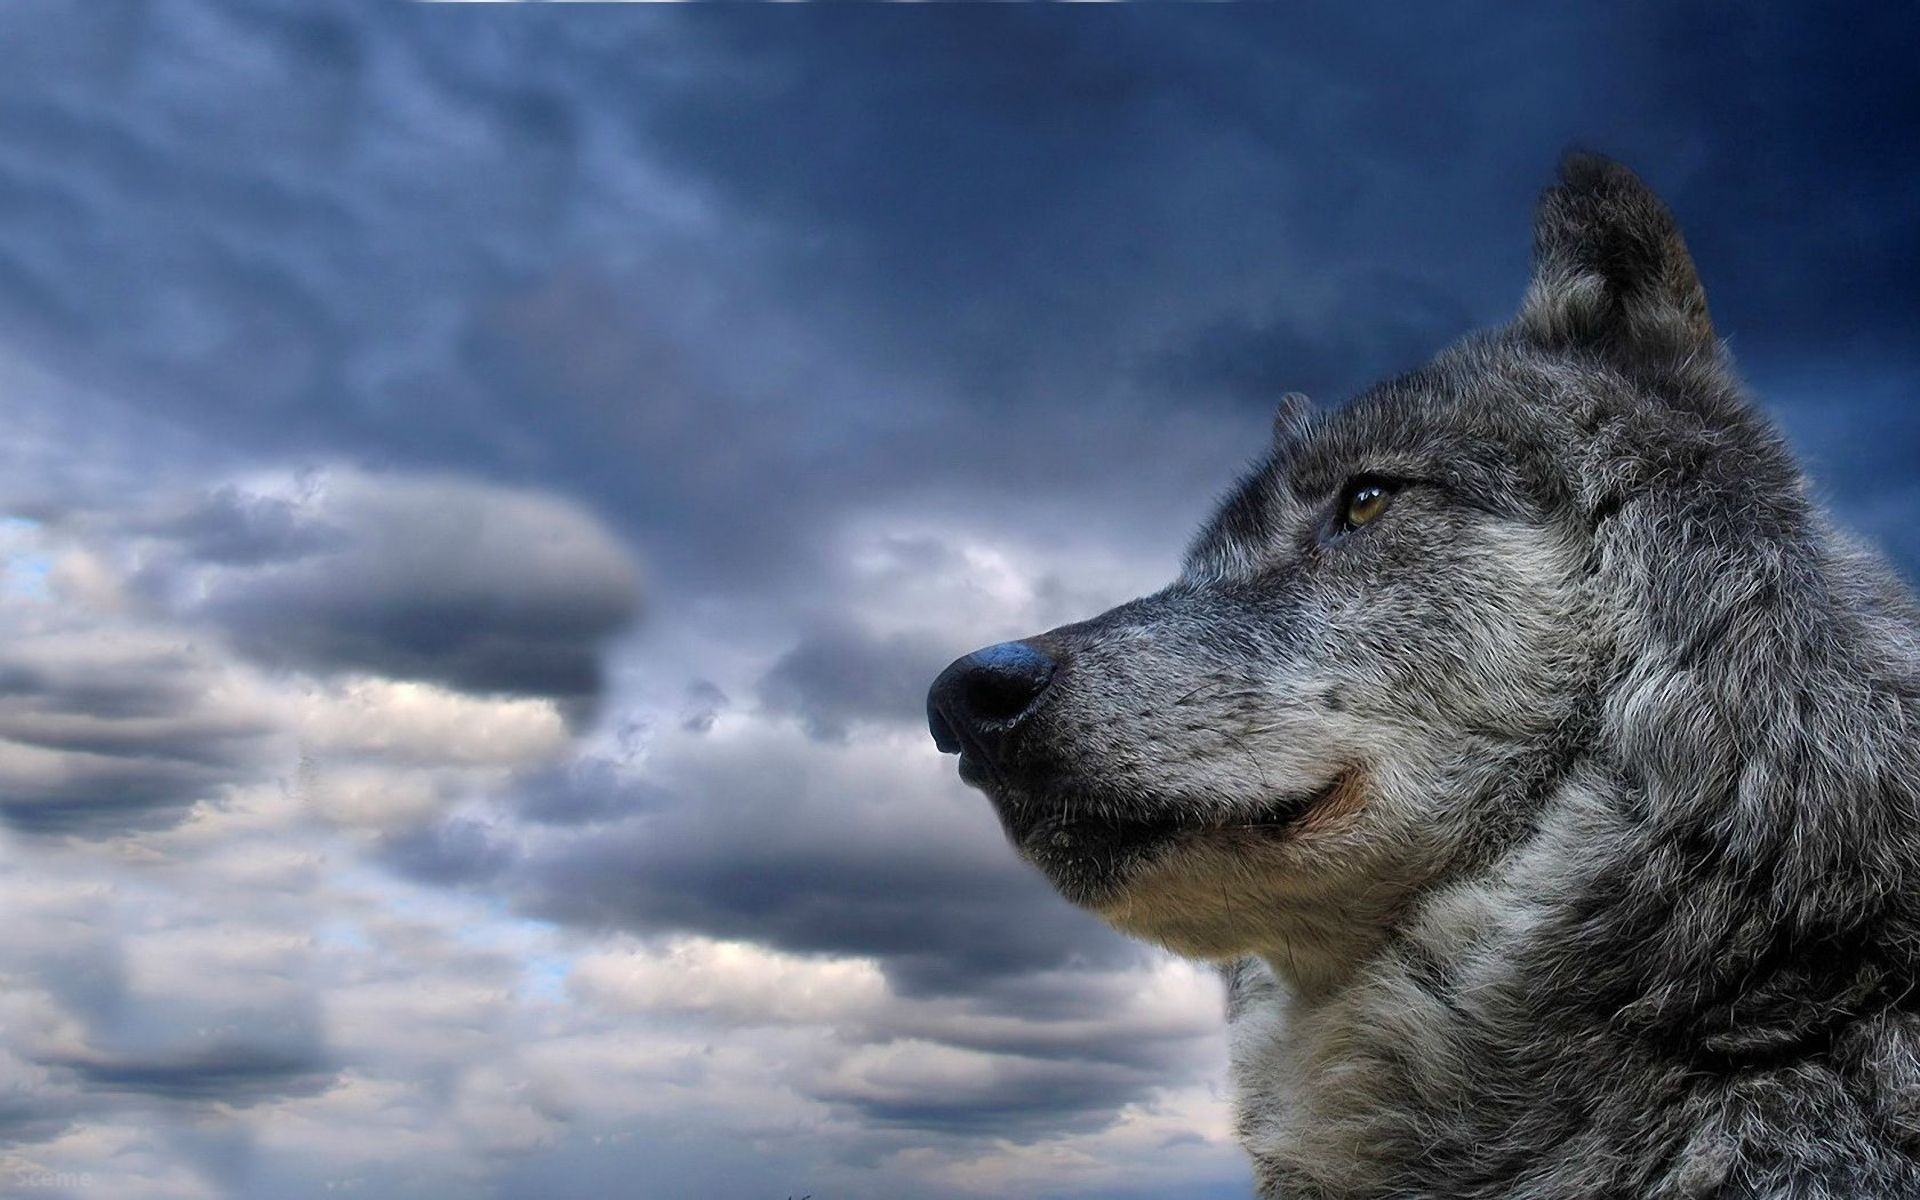 1920x1200 HD Walls of Wolves Hình nền HD Wolves HD đẹp nhất.  hình nền